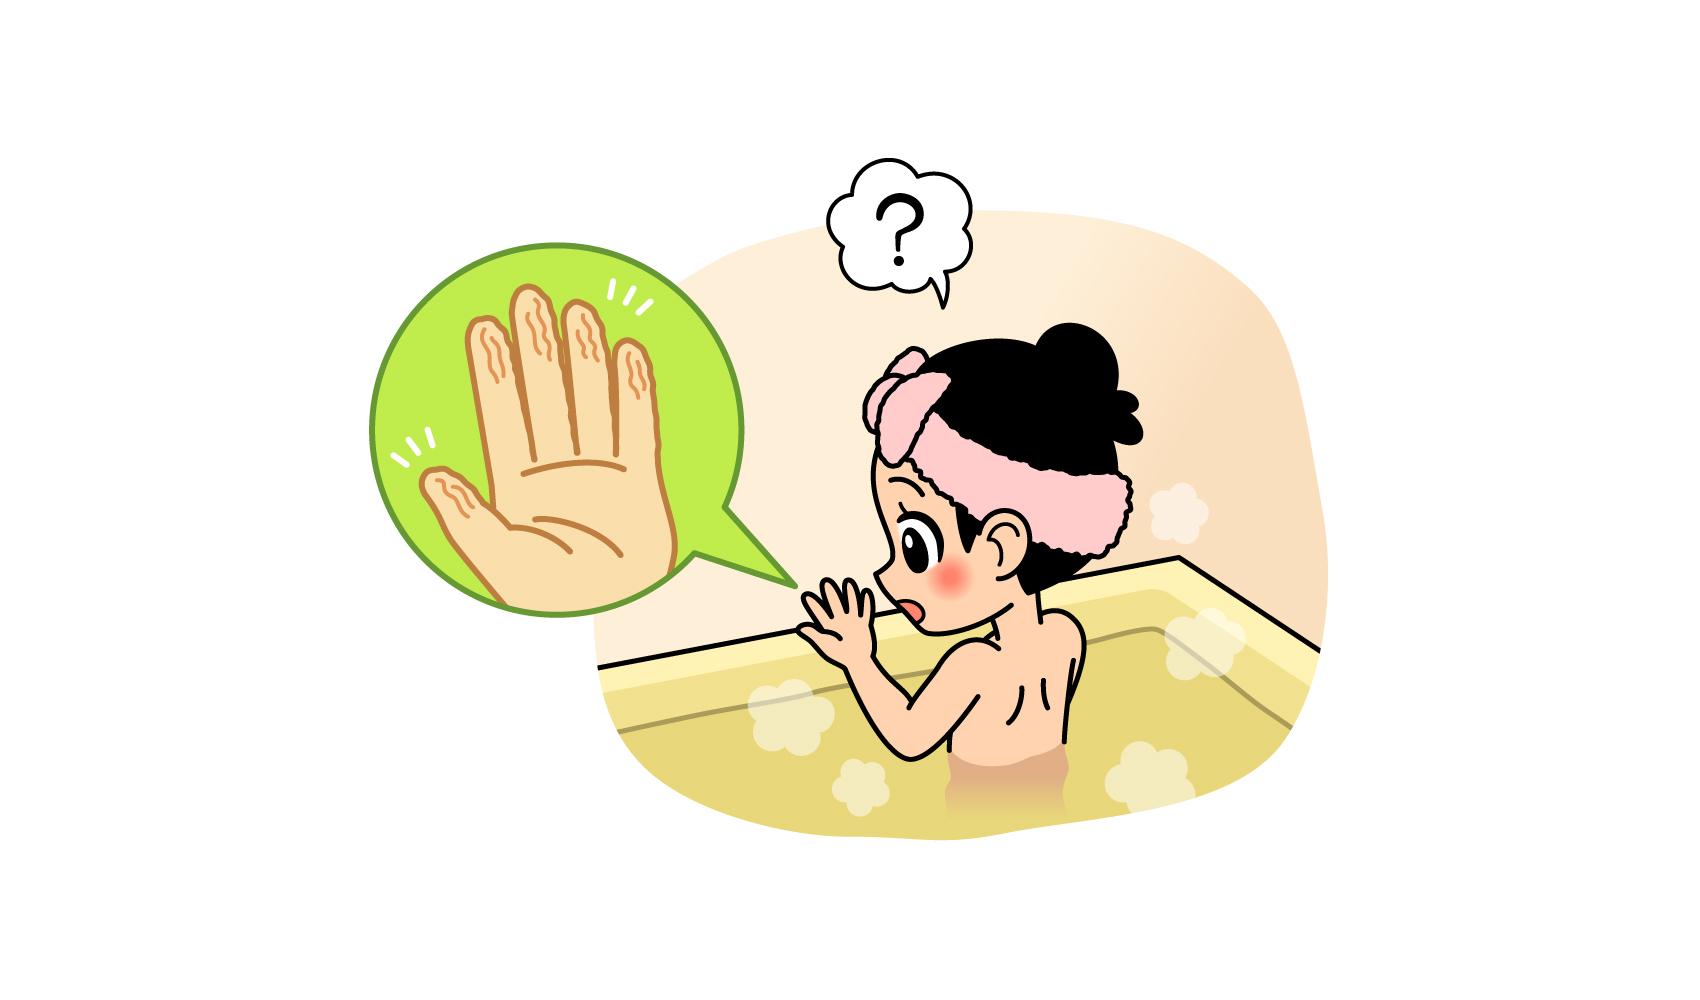 お風呂に入ると指がしわしわになるのは、なぜ?